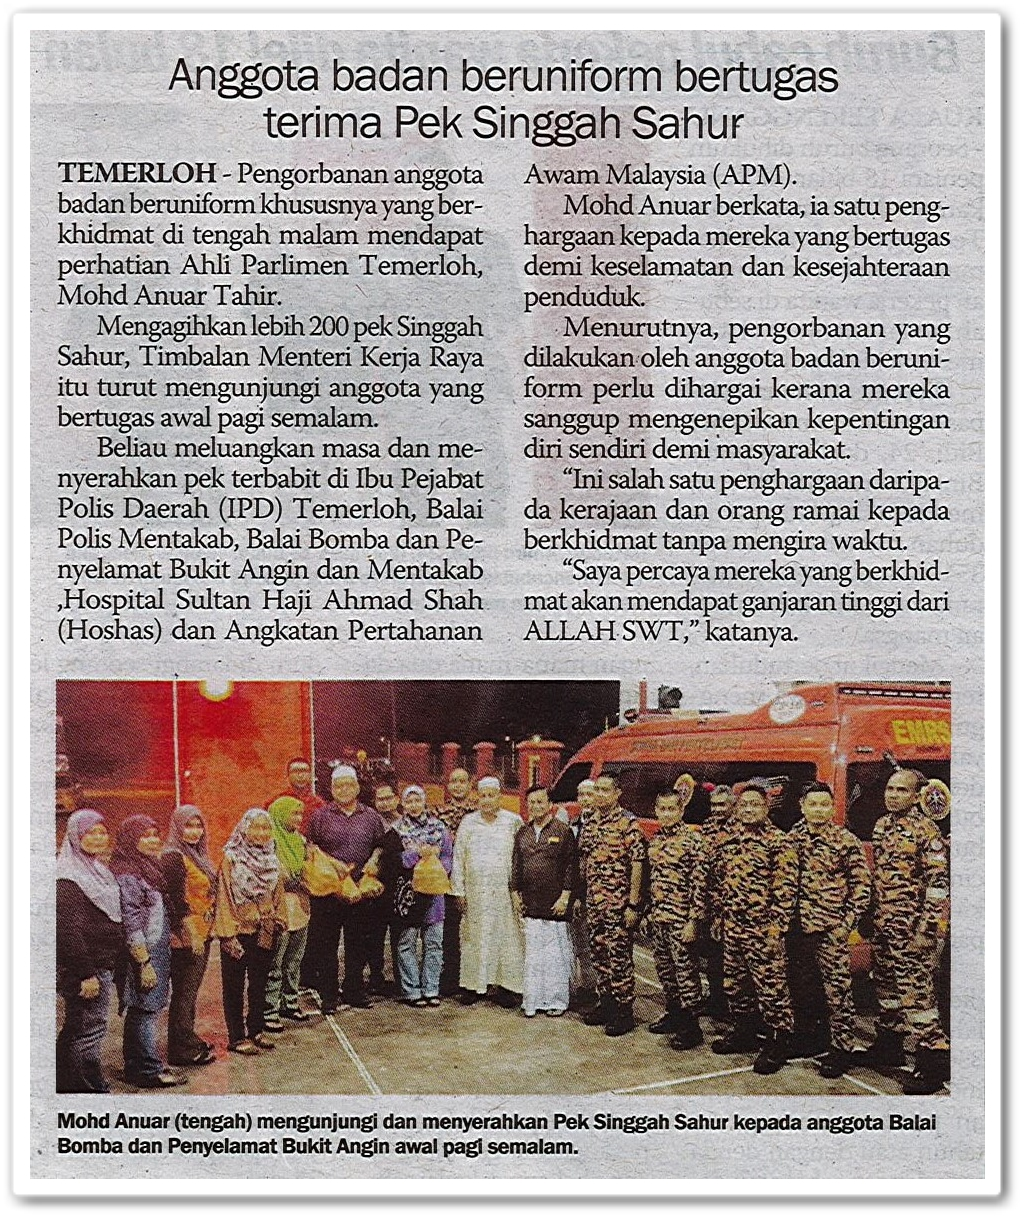 Anggota badan beruniform bertugas terima Pek Singgah Sahur - Keratan akhbar Sinar Harian 27 Mei 2019